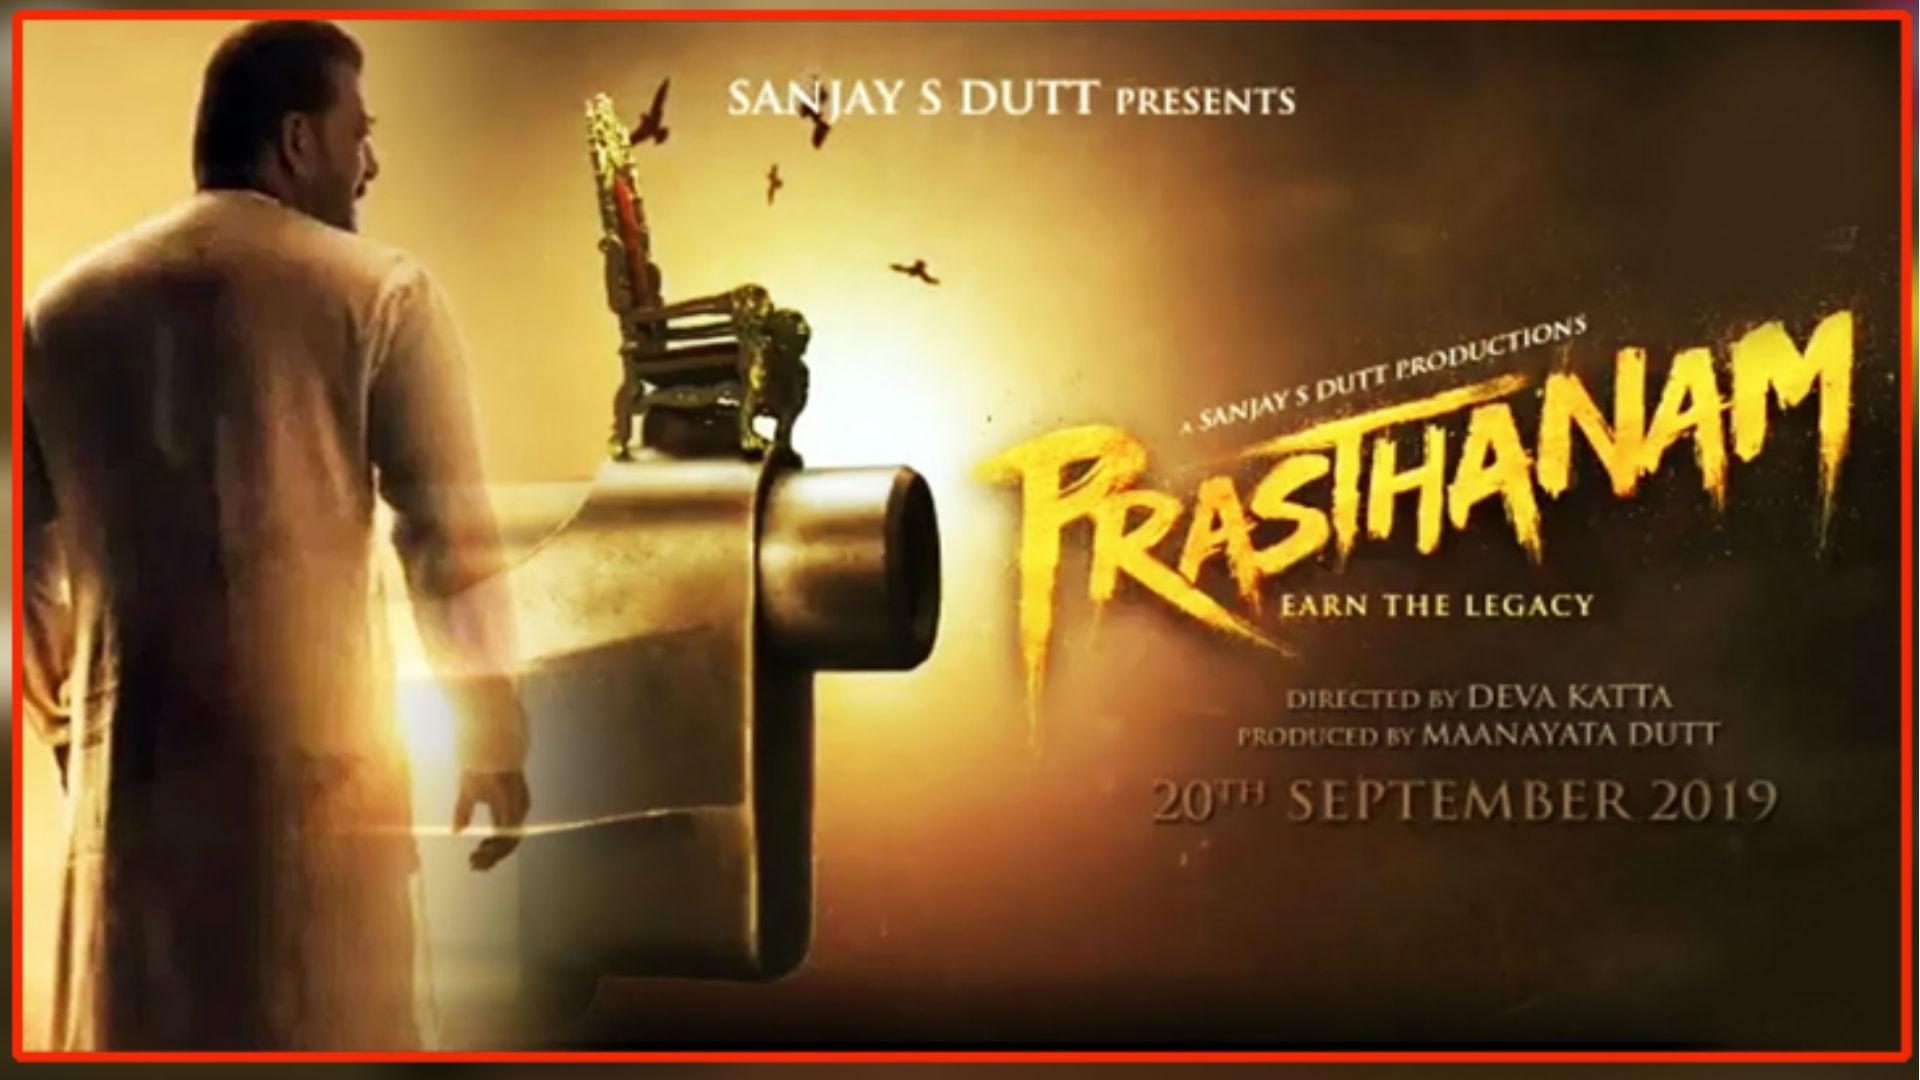 Prasthanam Teaser: संजय दत्त के बर्थडे पर रिलीज हुआ प्रस्थानम का धमाकेदार टीजर, इस धांसू रोल में नजर आए एक्टर